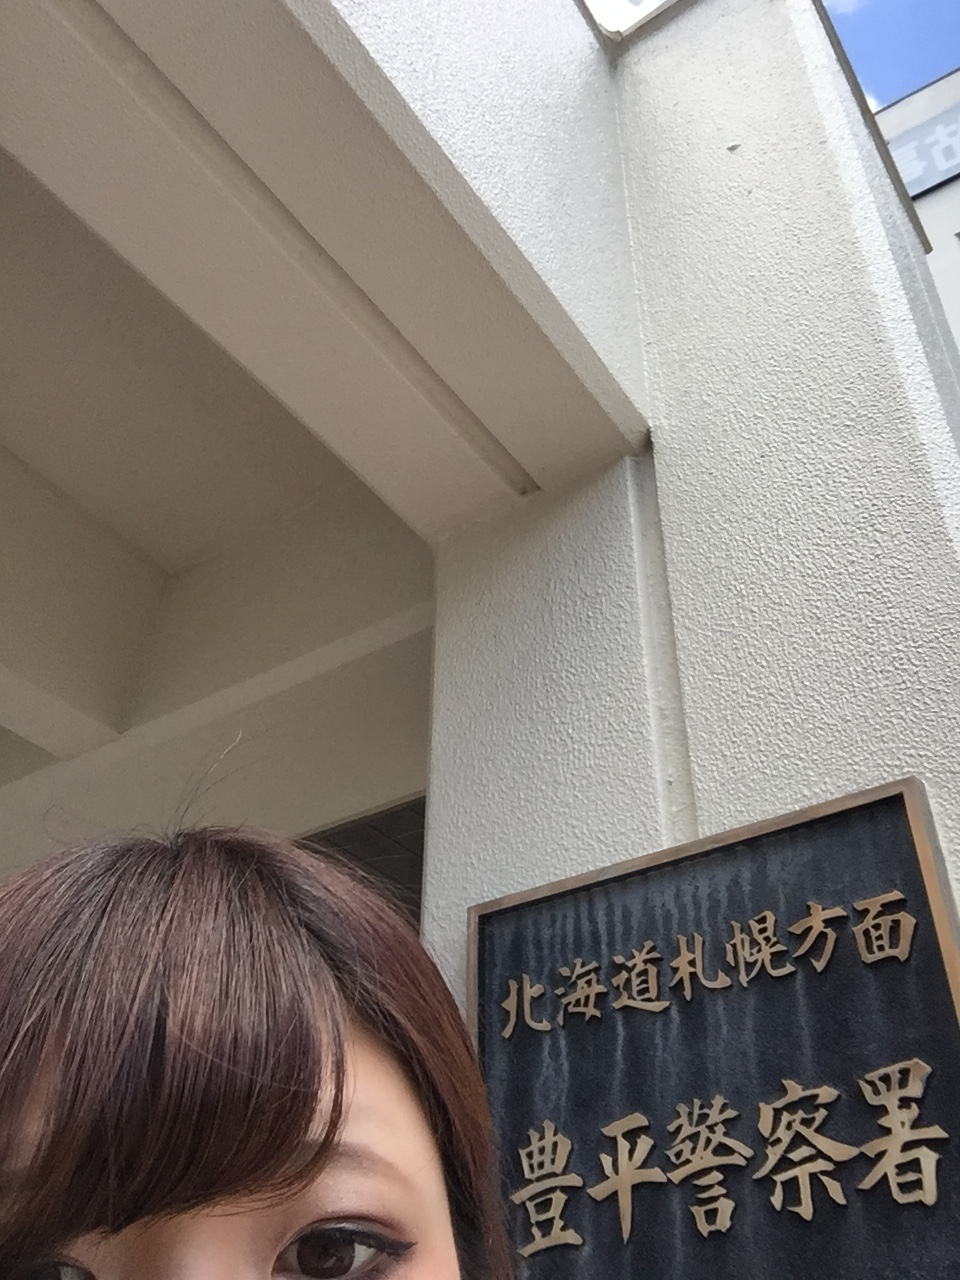 6月13日 火曜日のみんなブログ(´▽`) 行楽シーズンに向けて★レンタルキャンピングカー★_b0127002_16491478.jpg